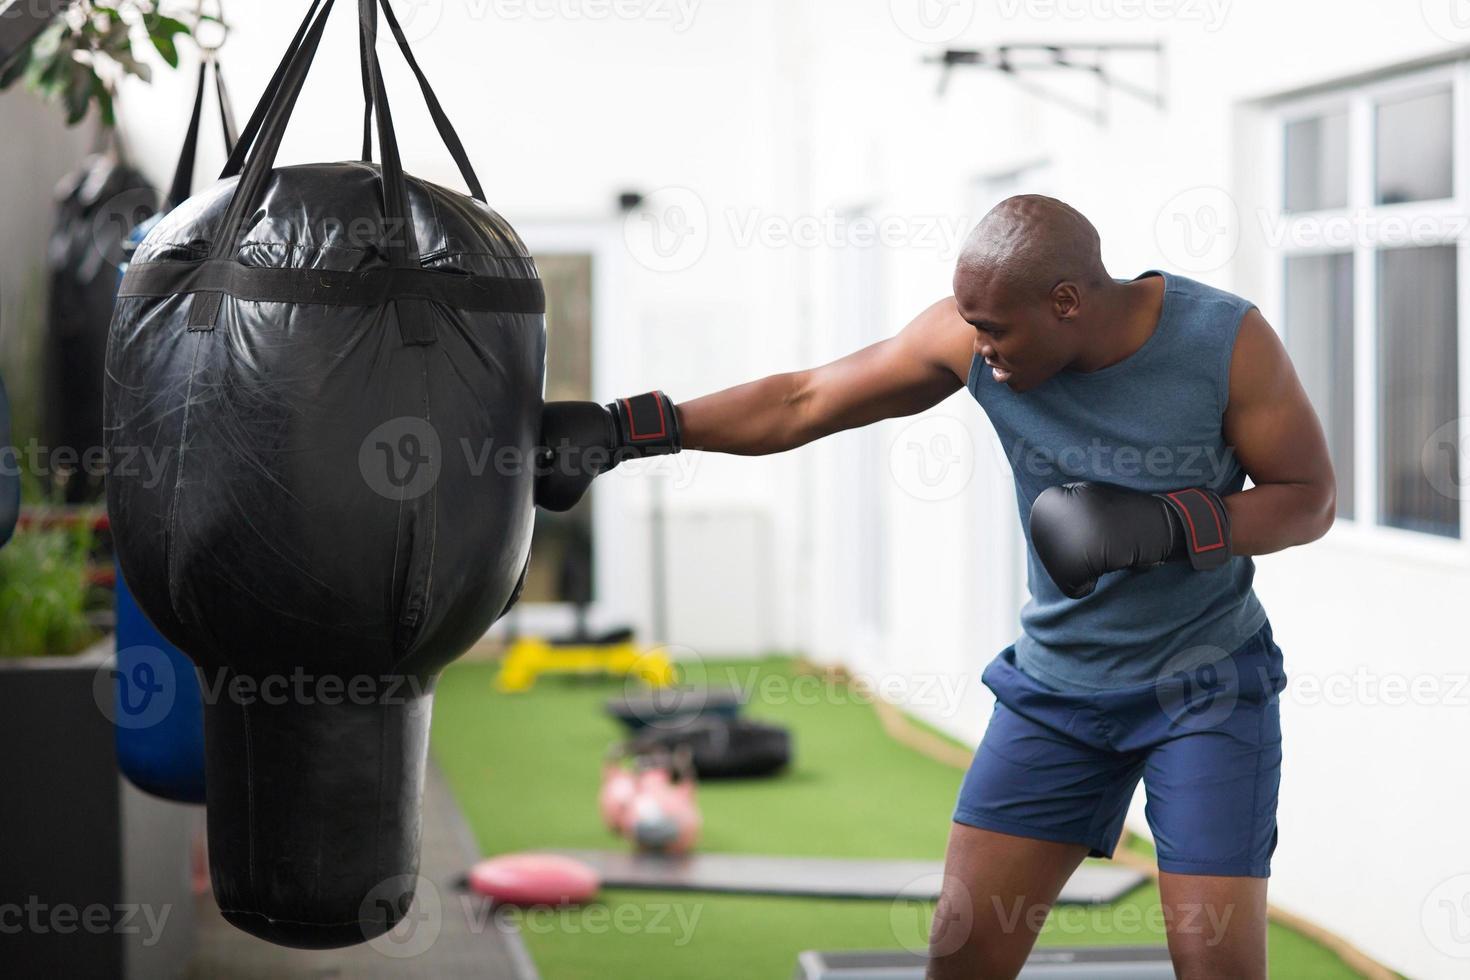 homem Africano treinando com saco de soco foto